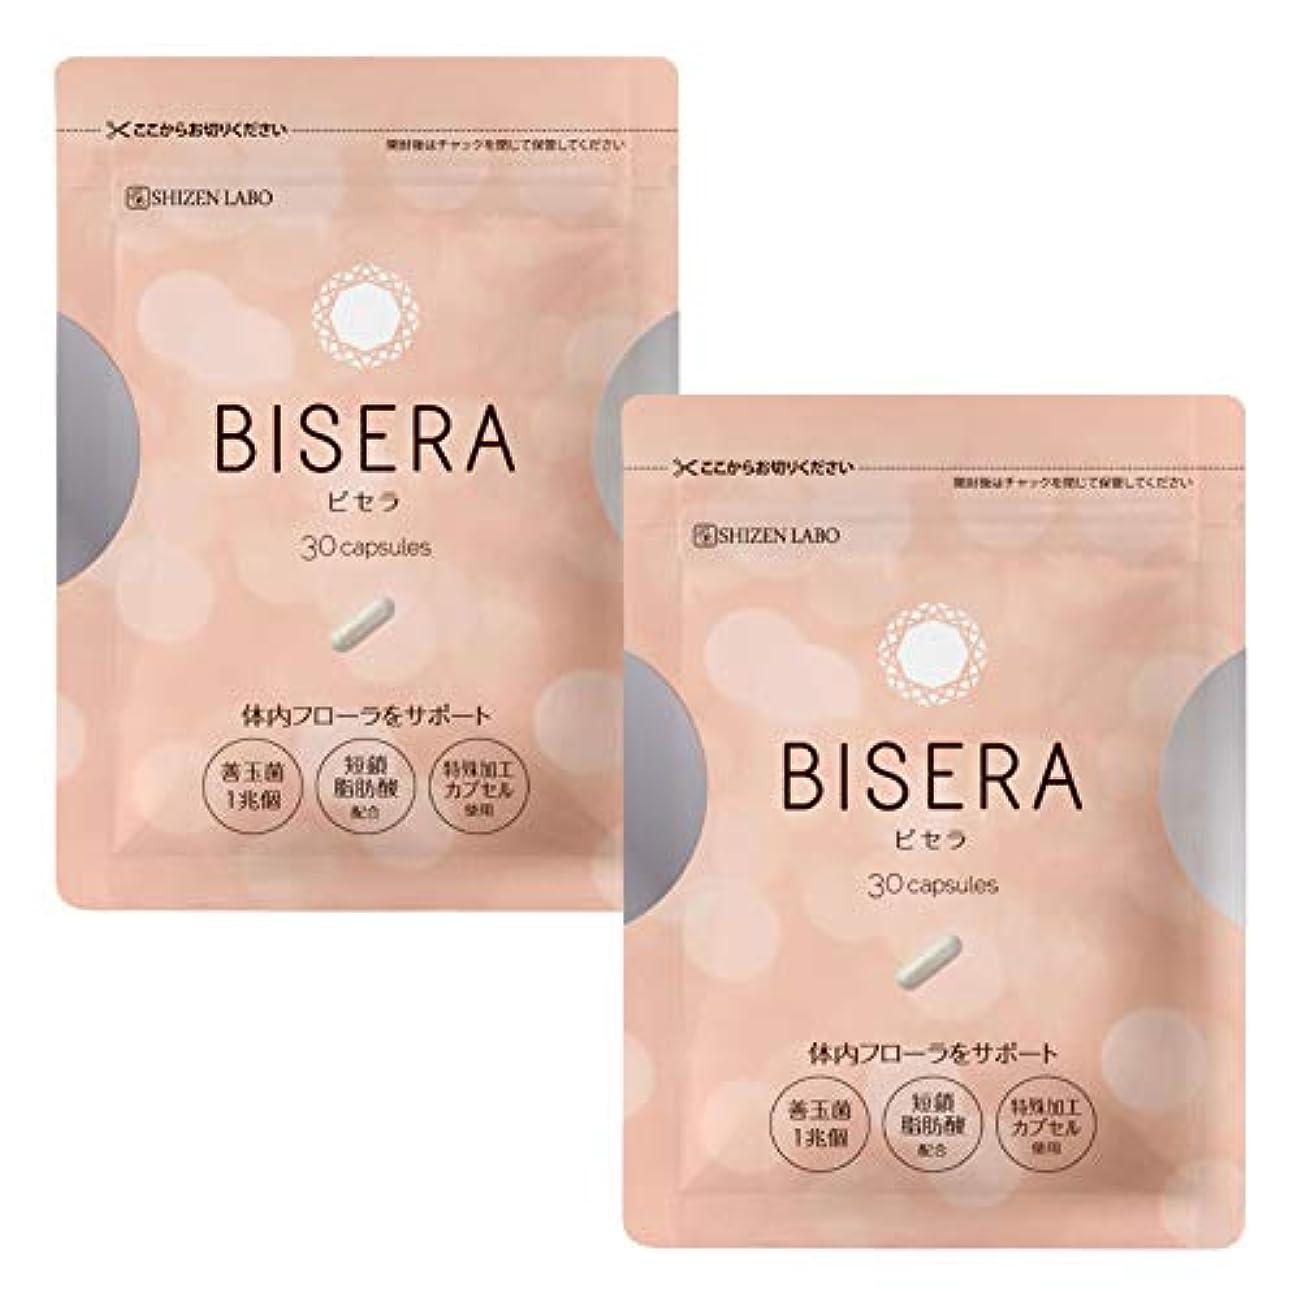 動機付けるペルーデンマーク語ビセラ BISERA ダイエットサプリ (2袋セット)